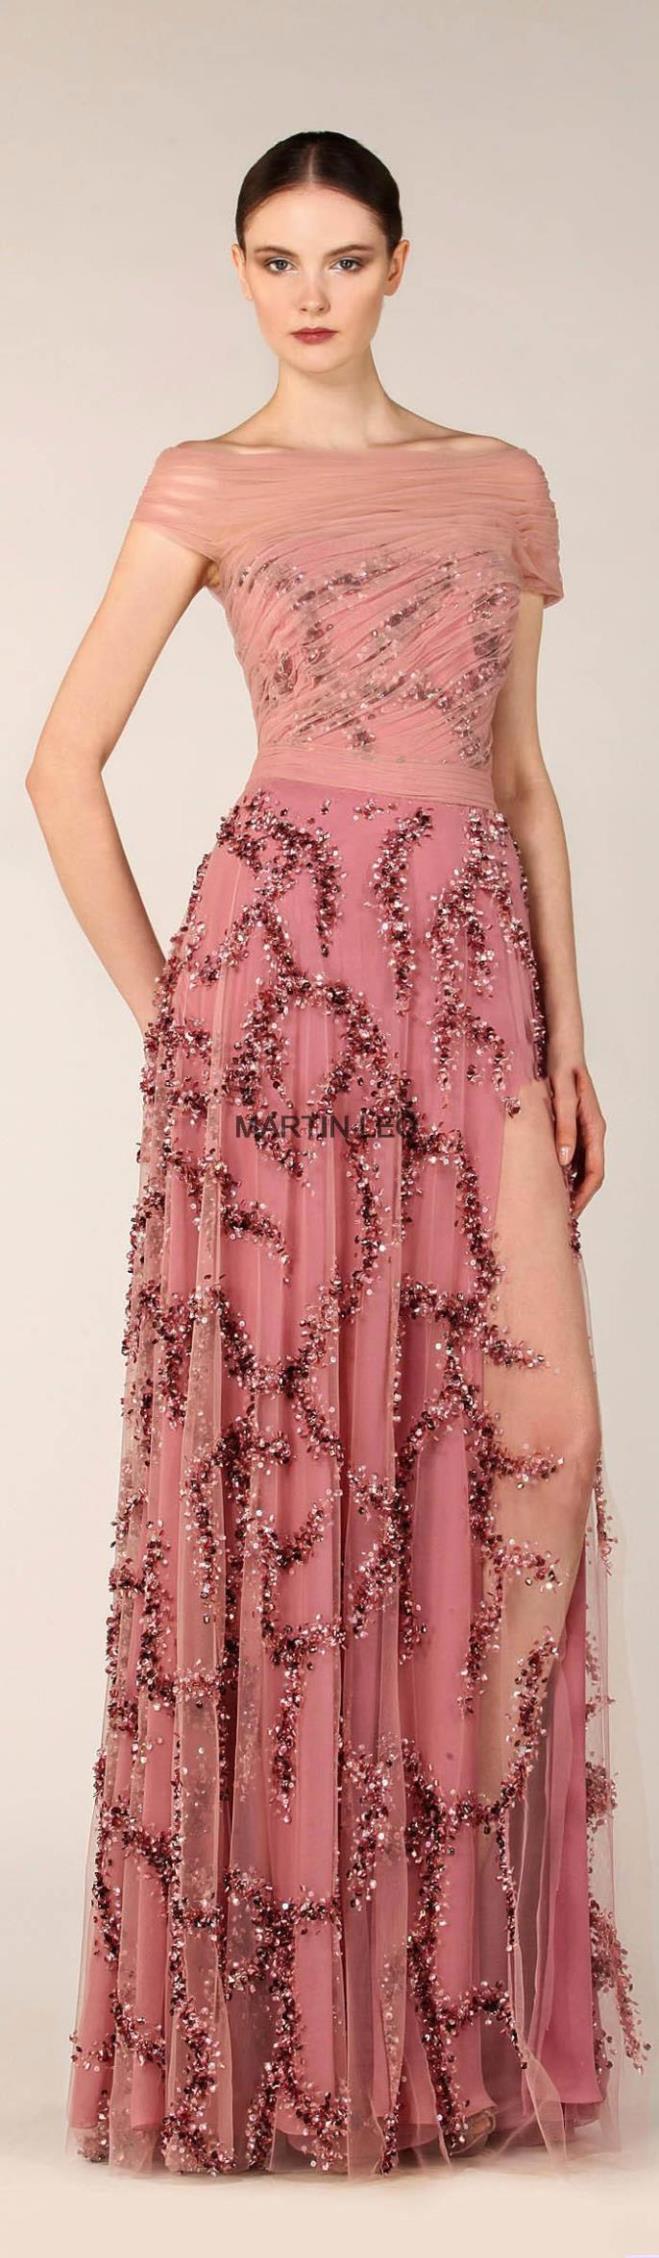 Excepcional Vestidos Novia China Regalo - Colección de Vestidos de ...